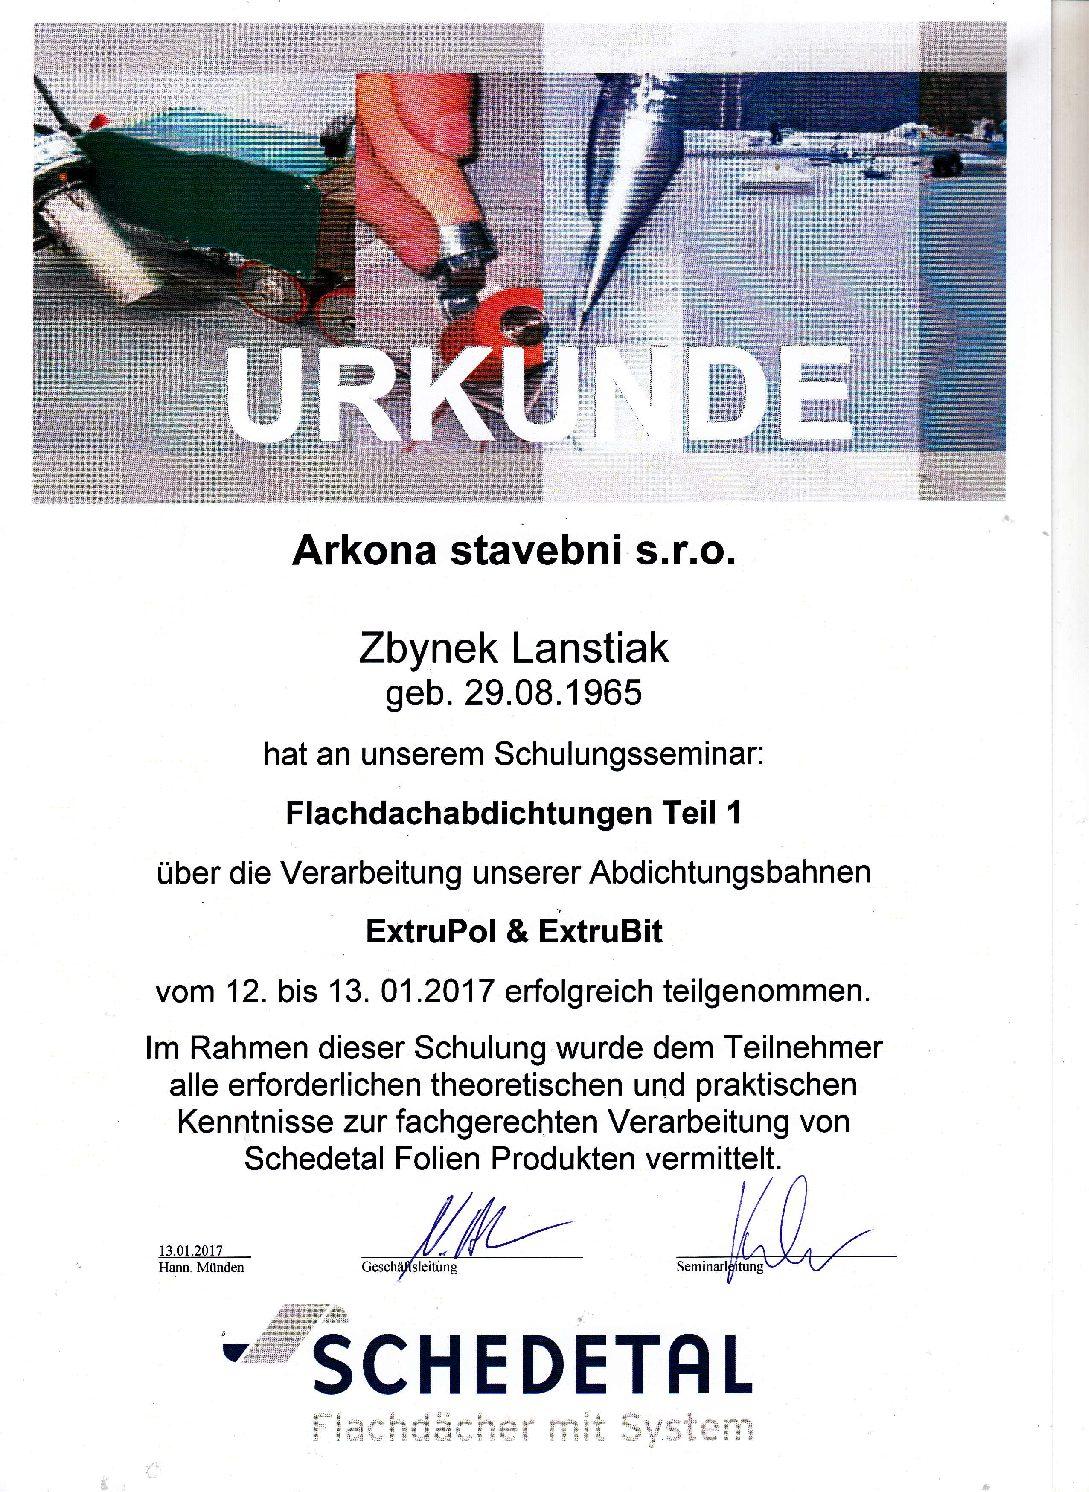 Arkona certifikát Schedetal 2017